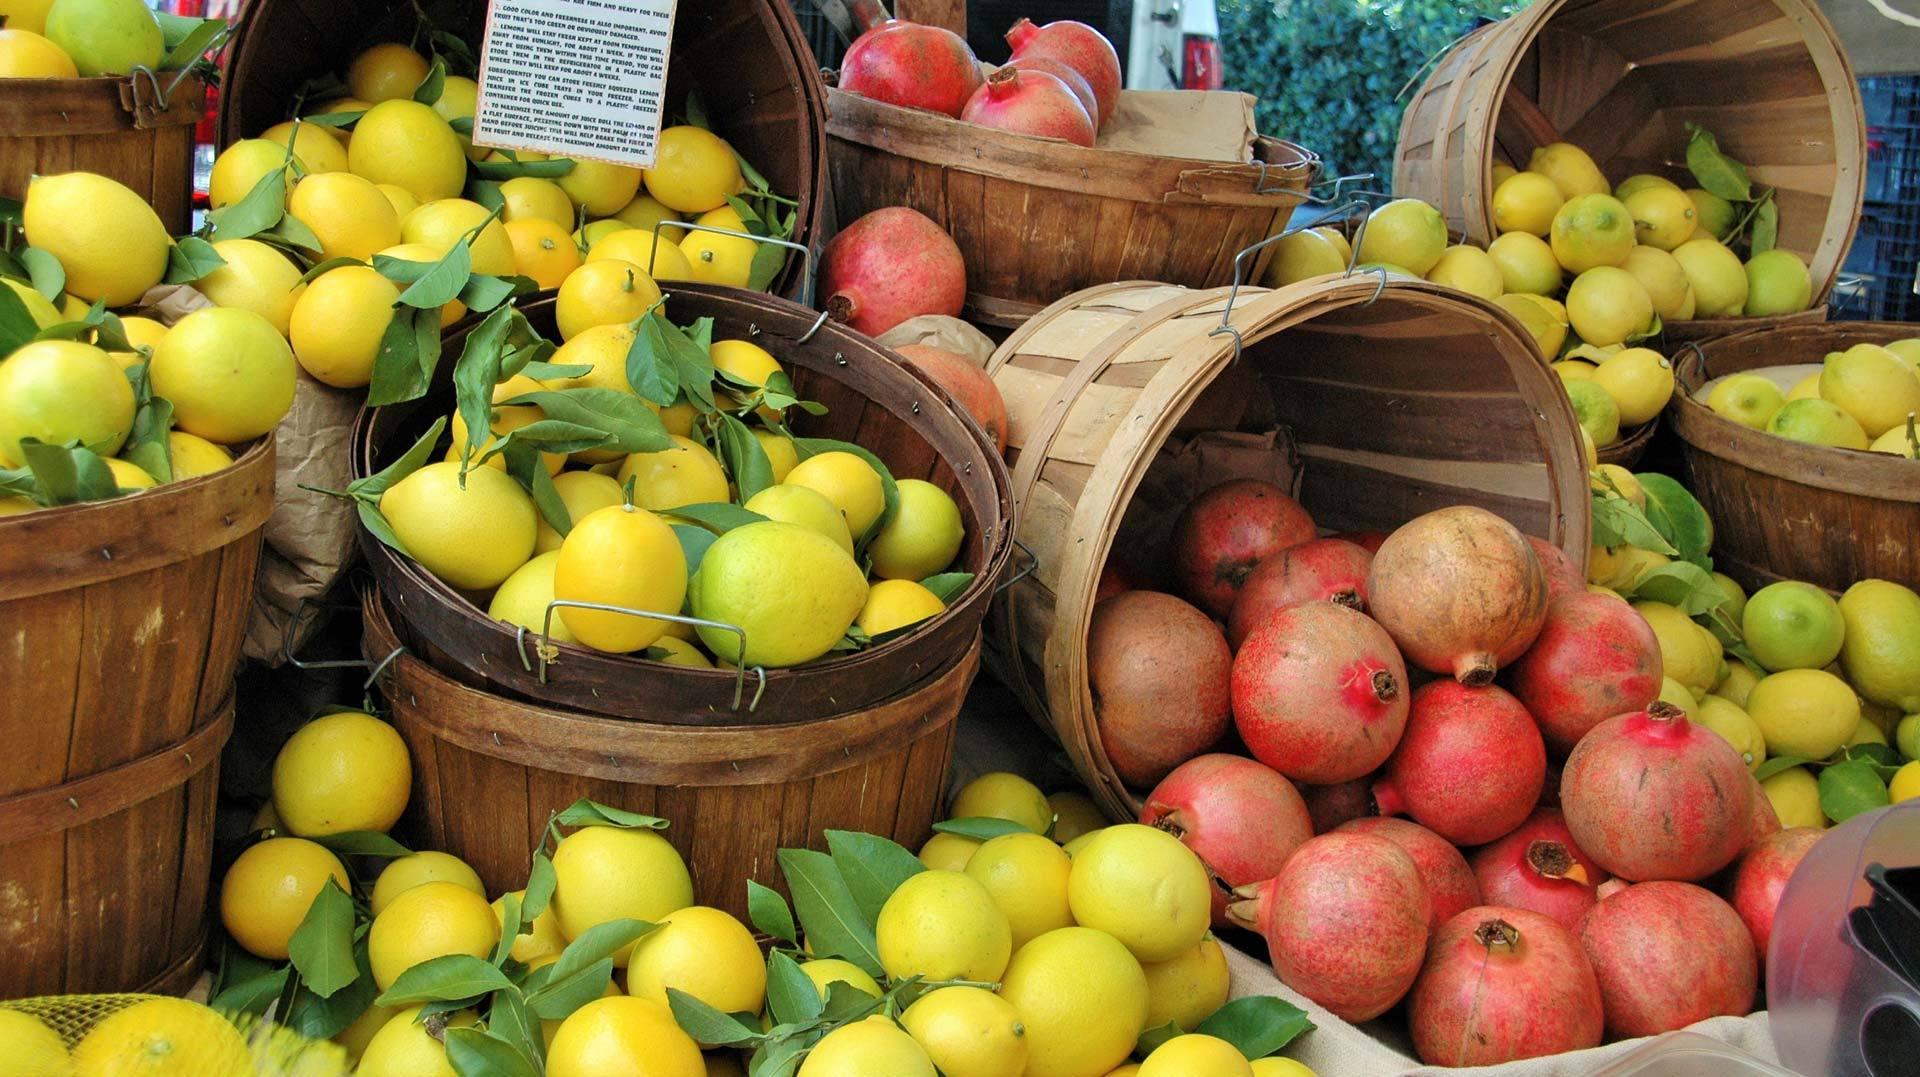 Lemons and pomegranates from Studio City Farmers Market